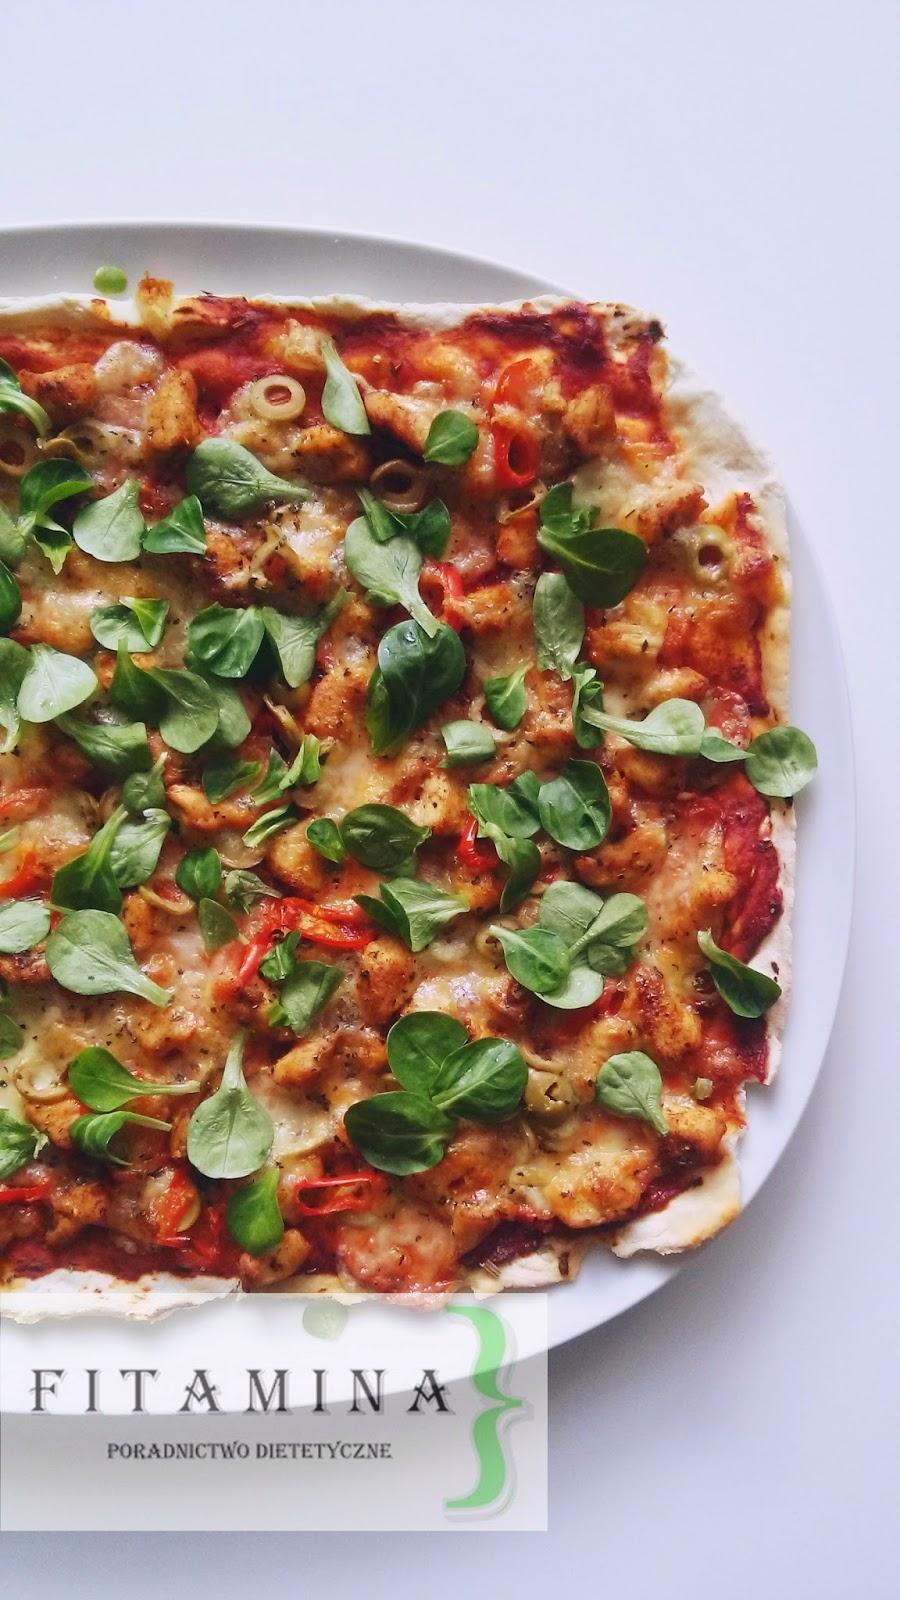 http://bonavita.pl/jak-przygotowac-pizze-orkiszowa